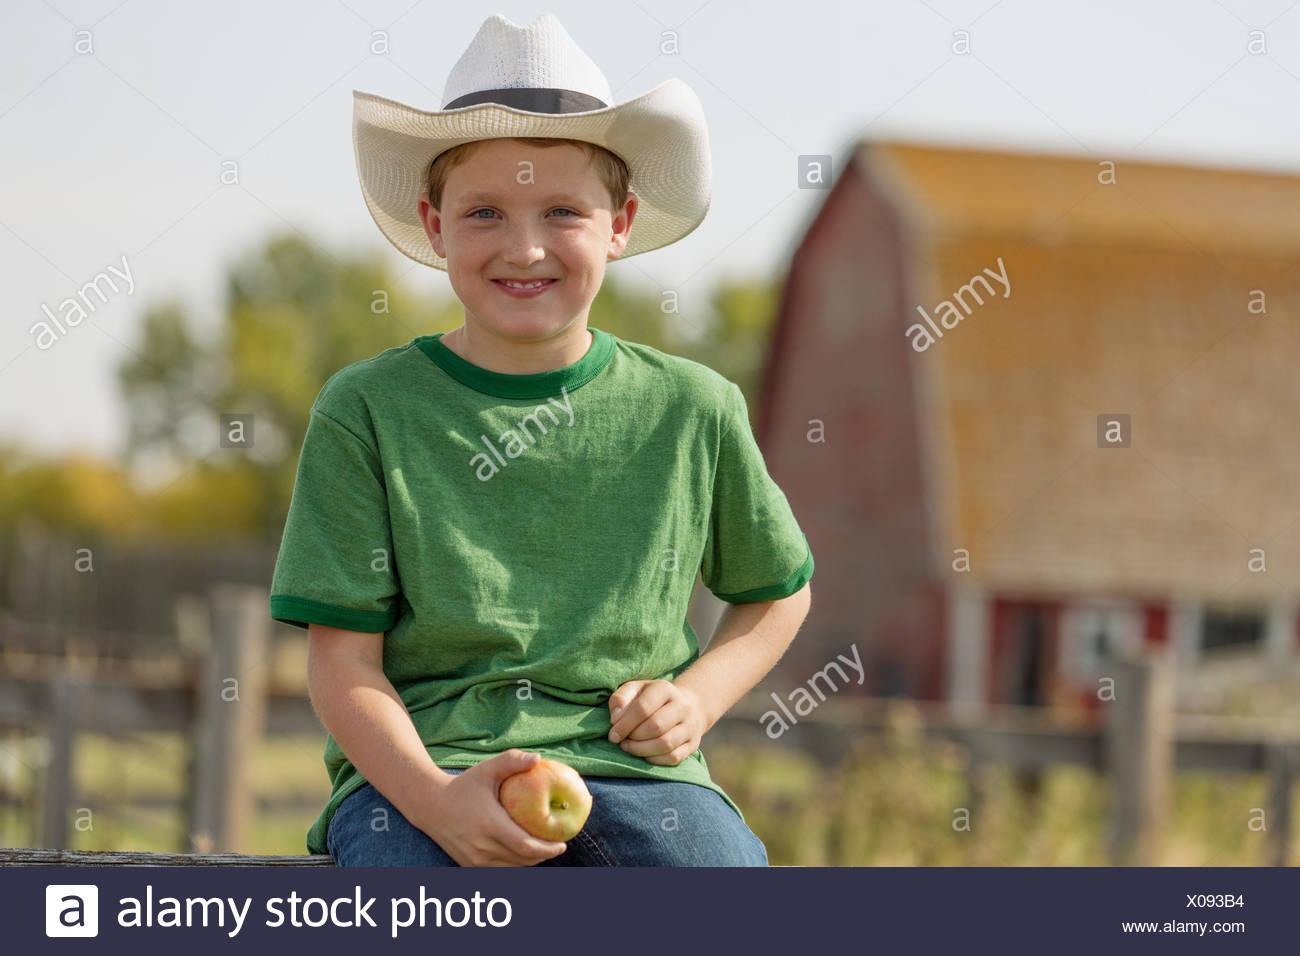 Ragazzo con il cappello da cowboy seduto sulla recinzione. Immagini Stock 55ebda9770f3